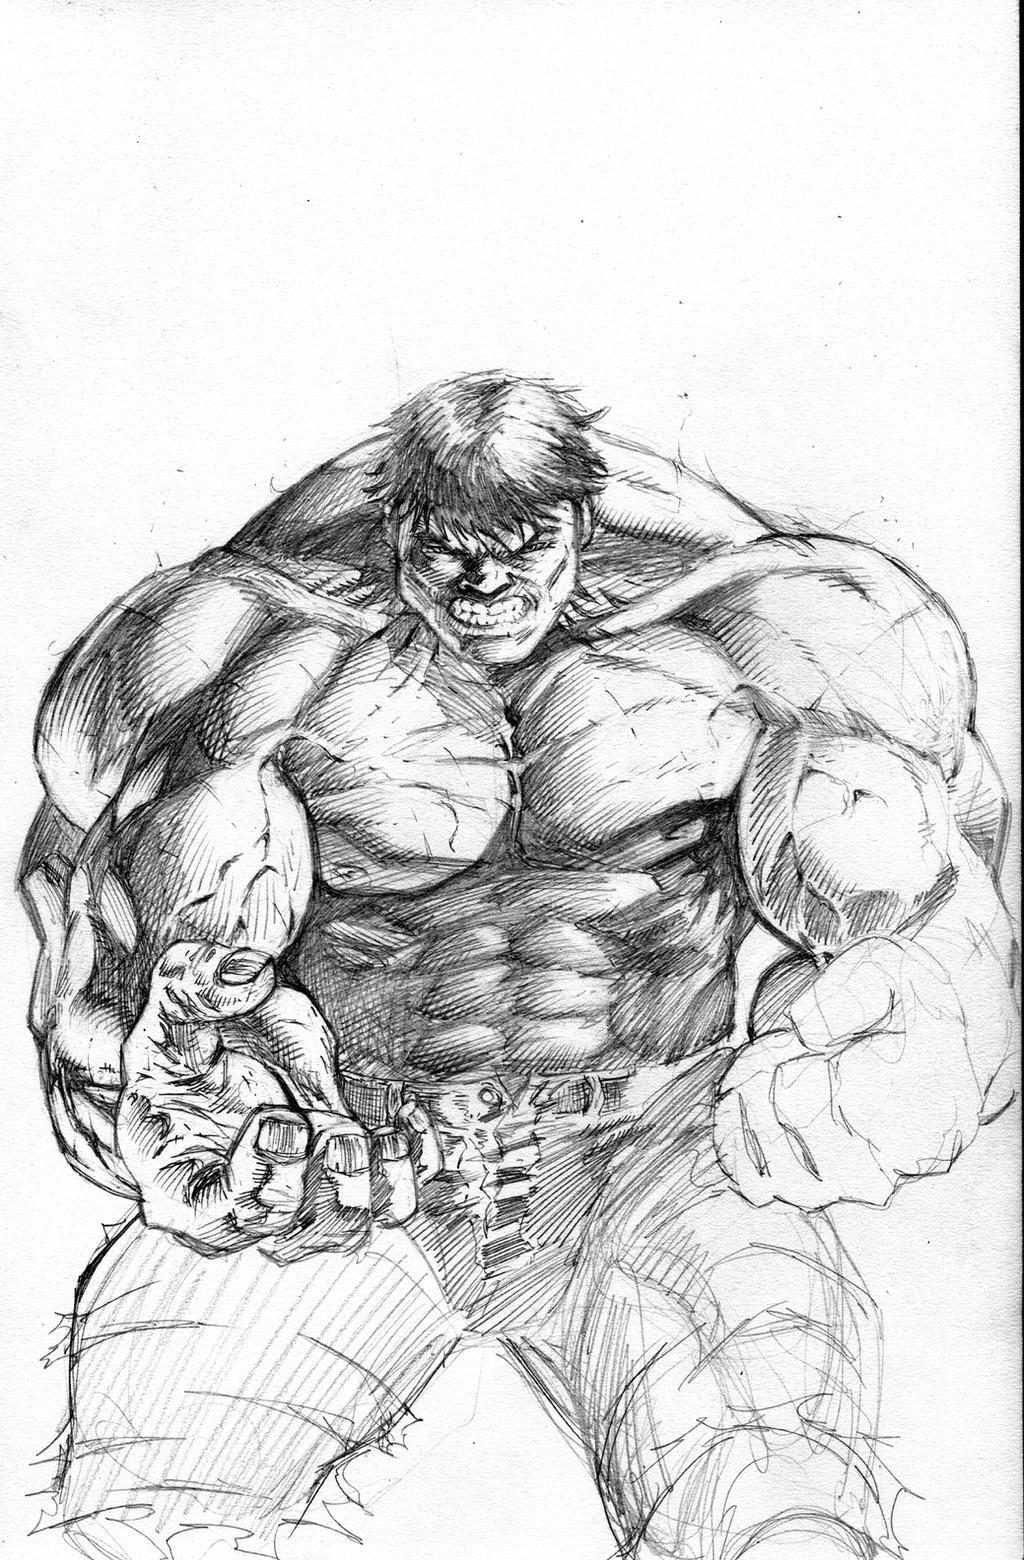 HULK sketch - work in progress by JMan-3H